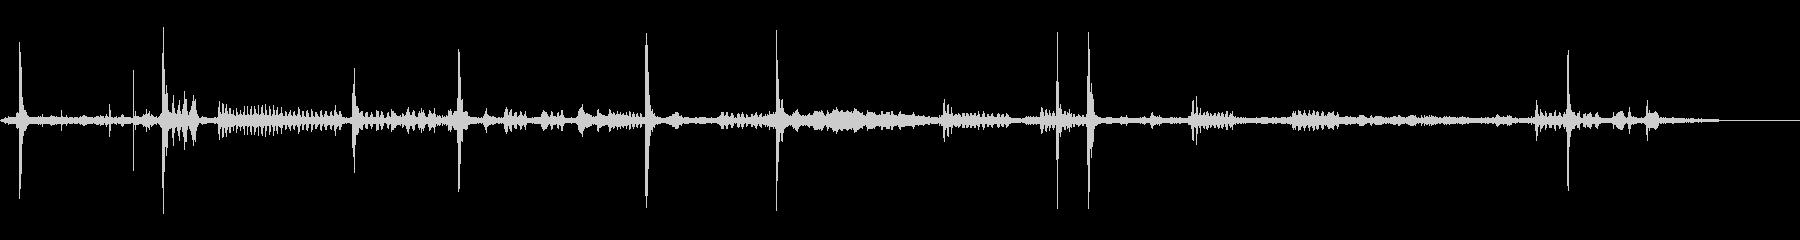 リトルモンキー-鳥のさえずりの未再生の波形